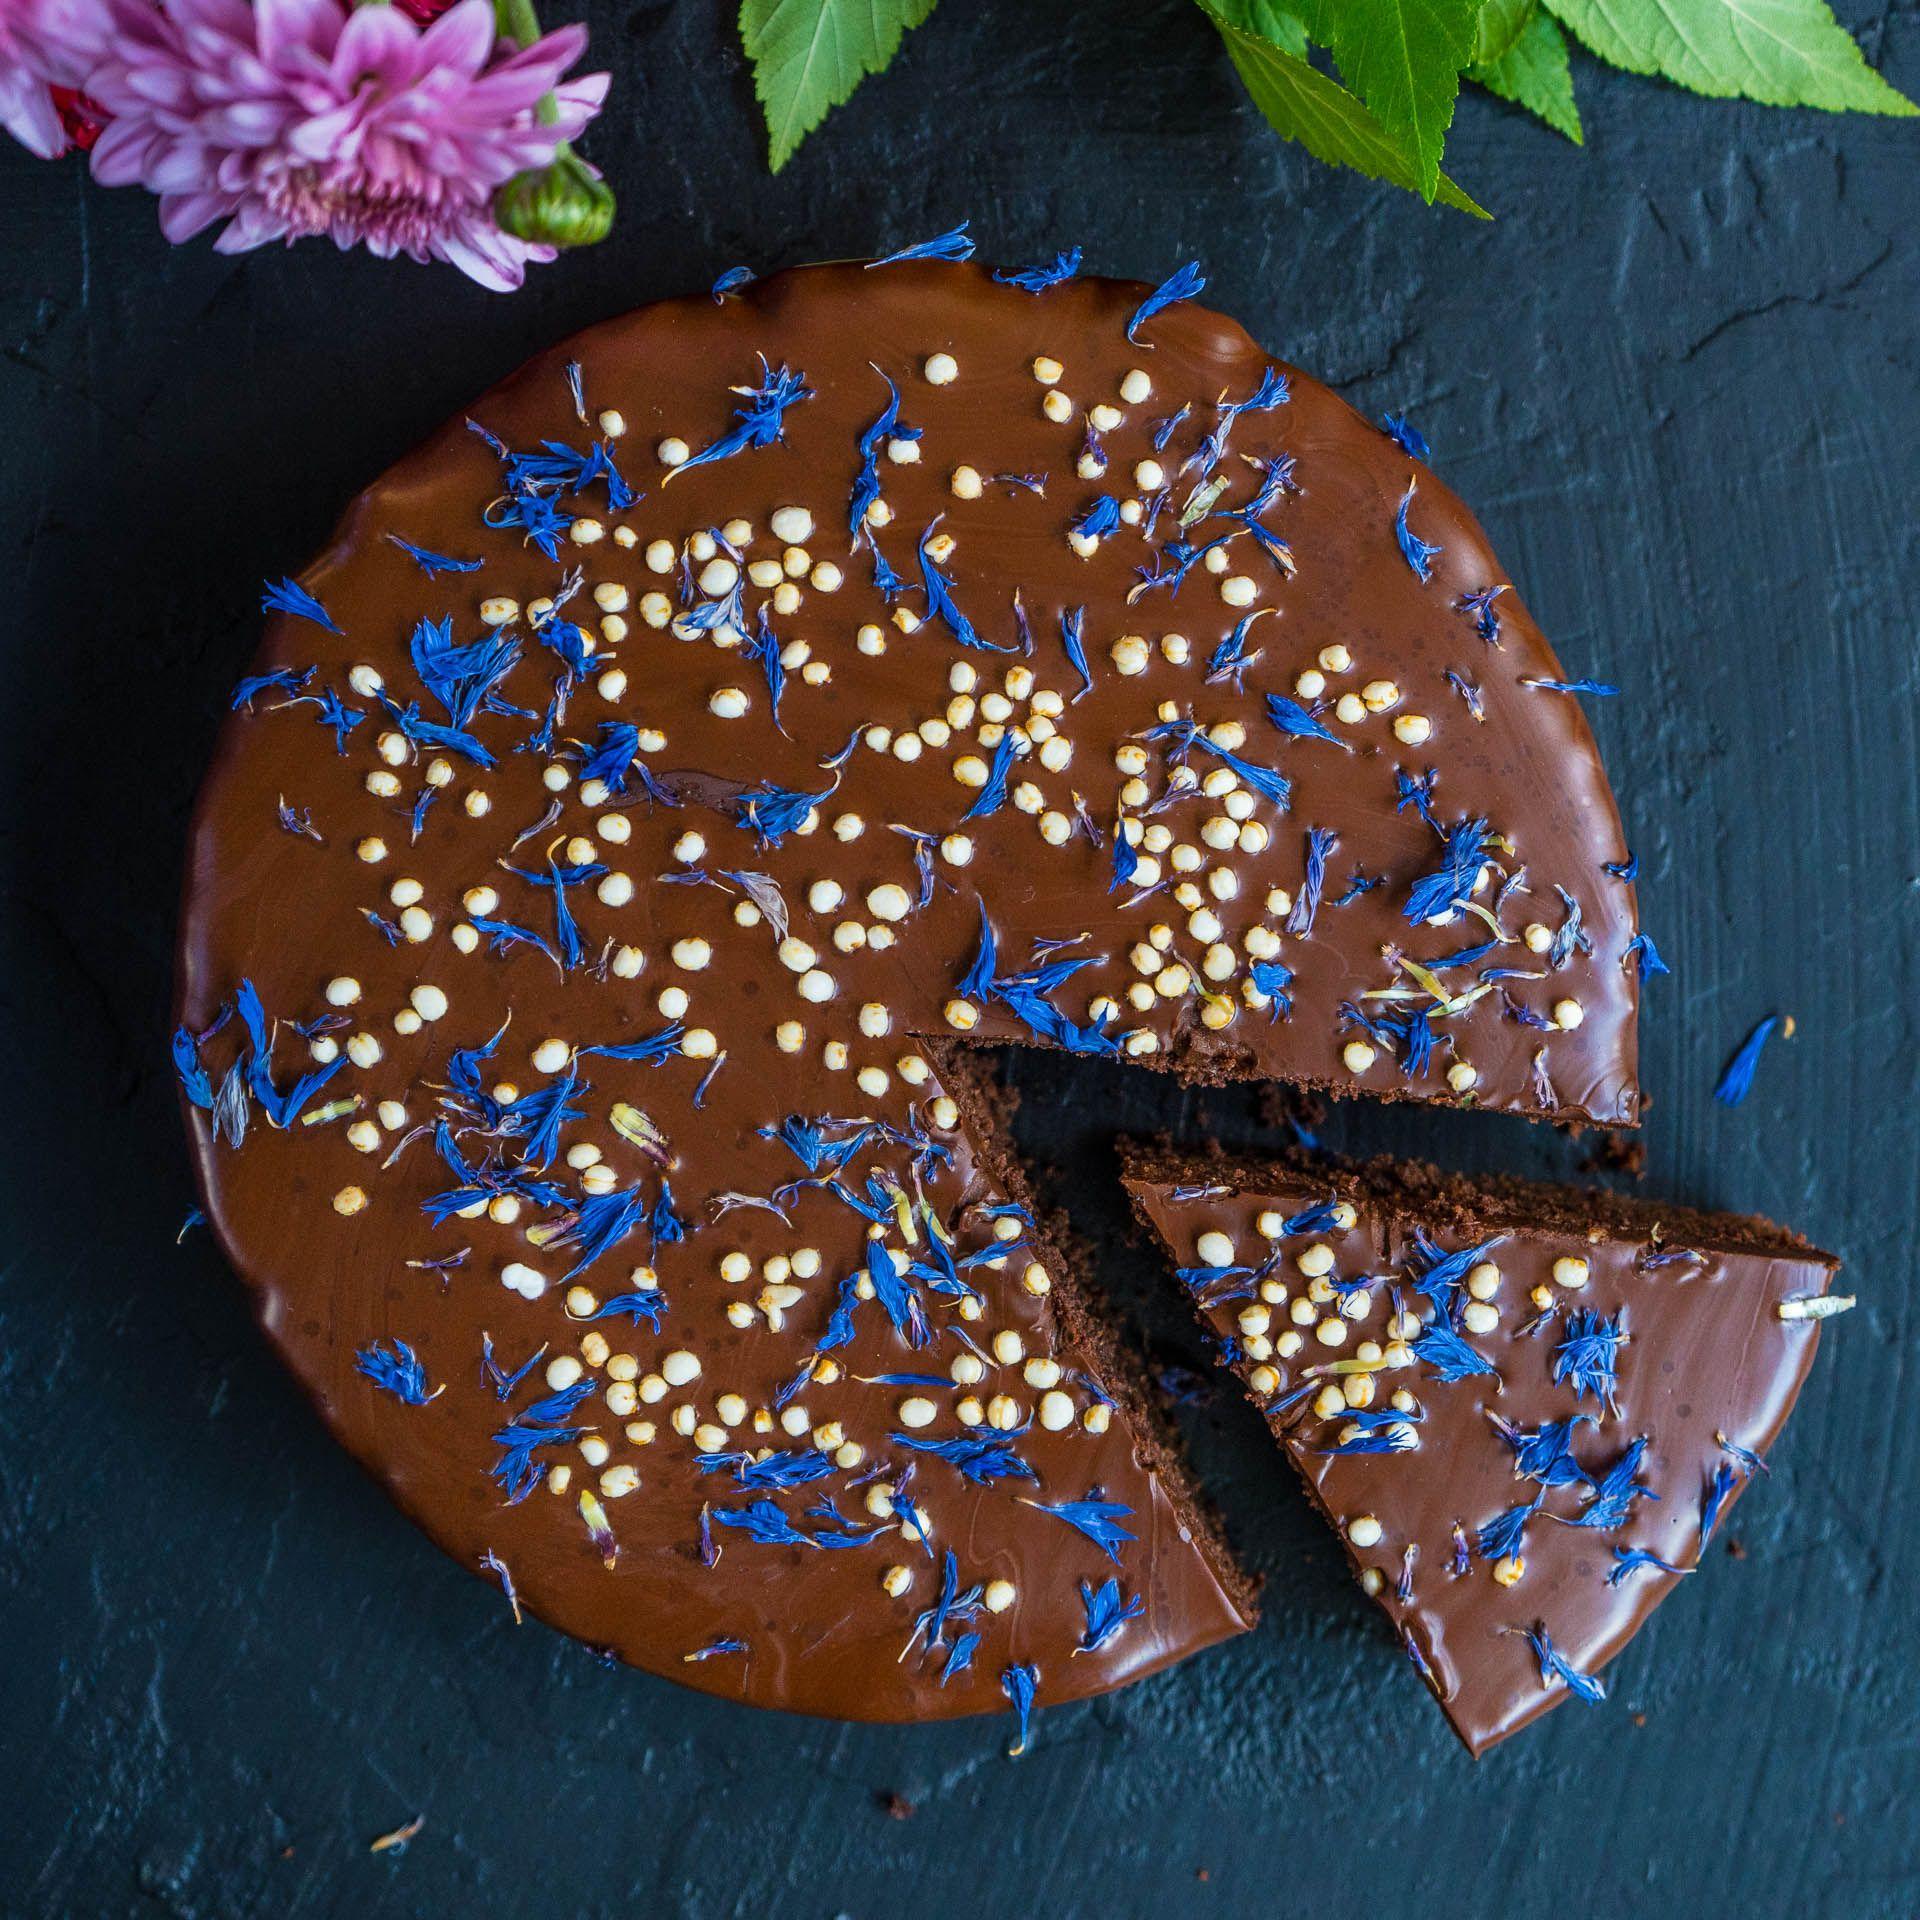 Gesunder Schokokuchen Vegan Ohne Zucker Glutenfrei Mrs Flury Rezept Schokokuchen Veganer Schokoladenkuchen Gesunde Schokolade